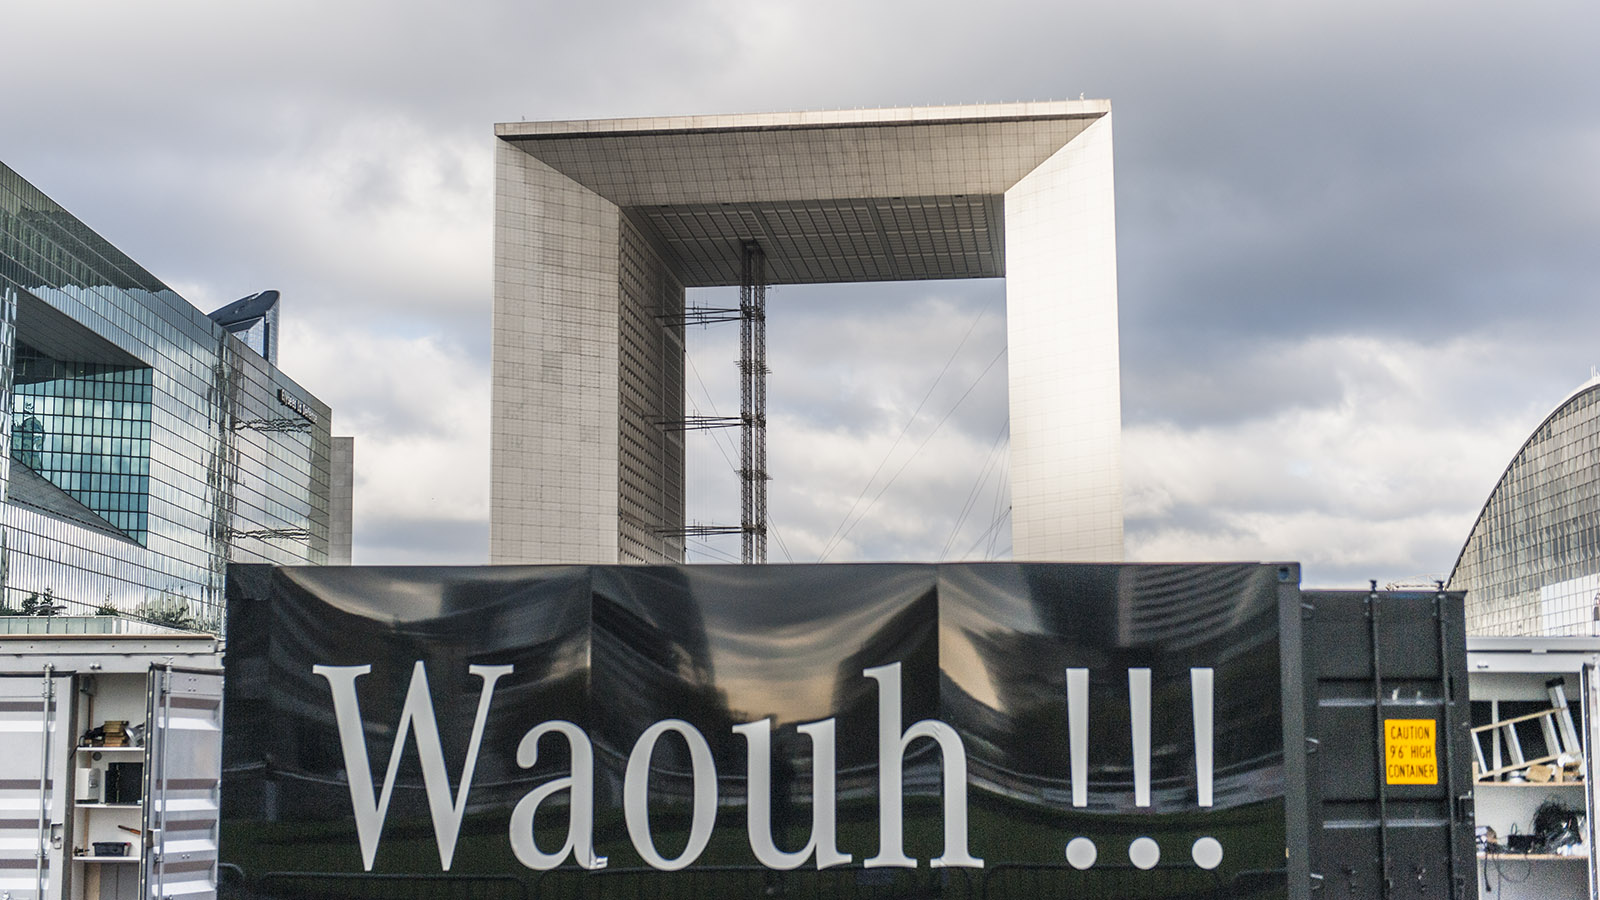 Die Grande Arche von La Défense während der Bauarbeiten. Foto: Hilke Maunder